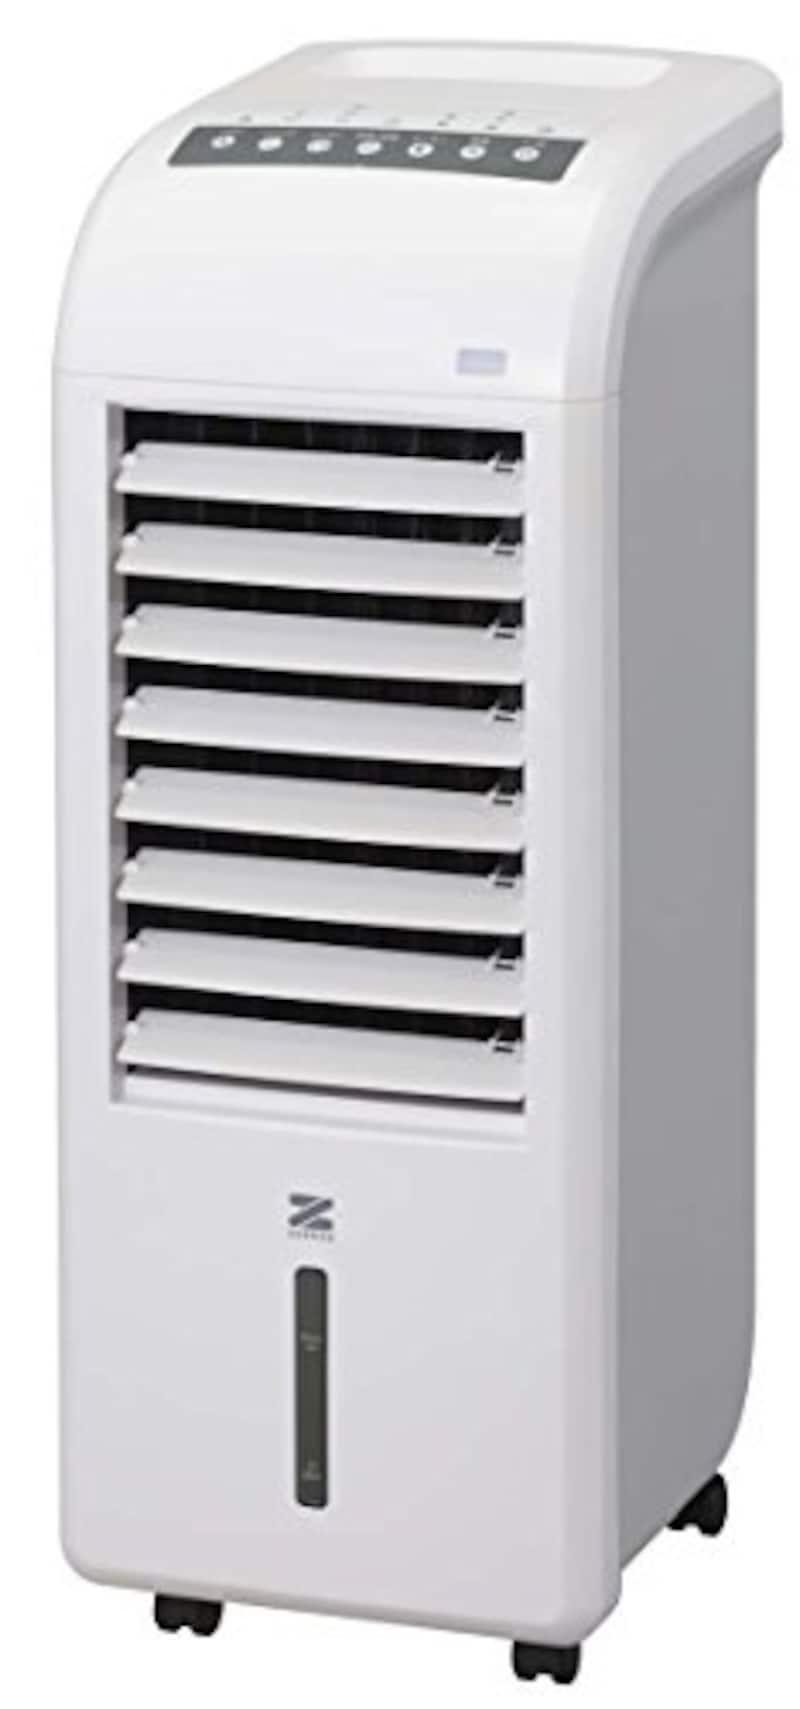 ゼンケン,スリム温冷風扇 ヒート&クール,ZHC-1200